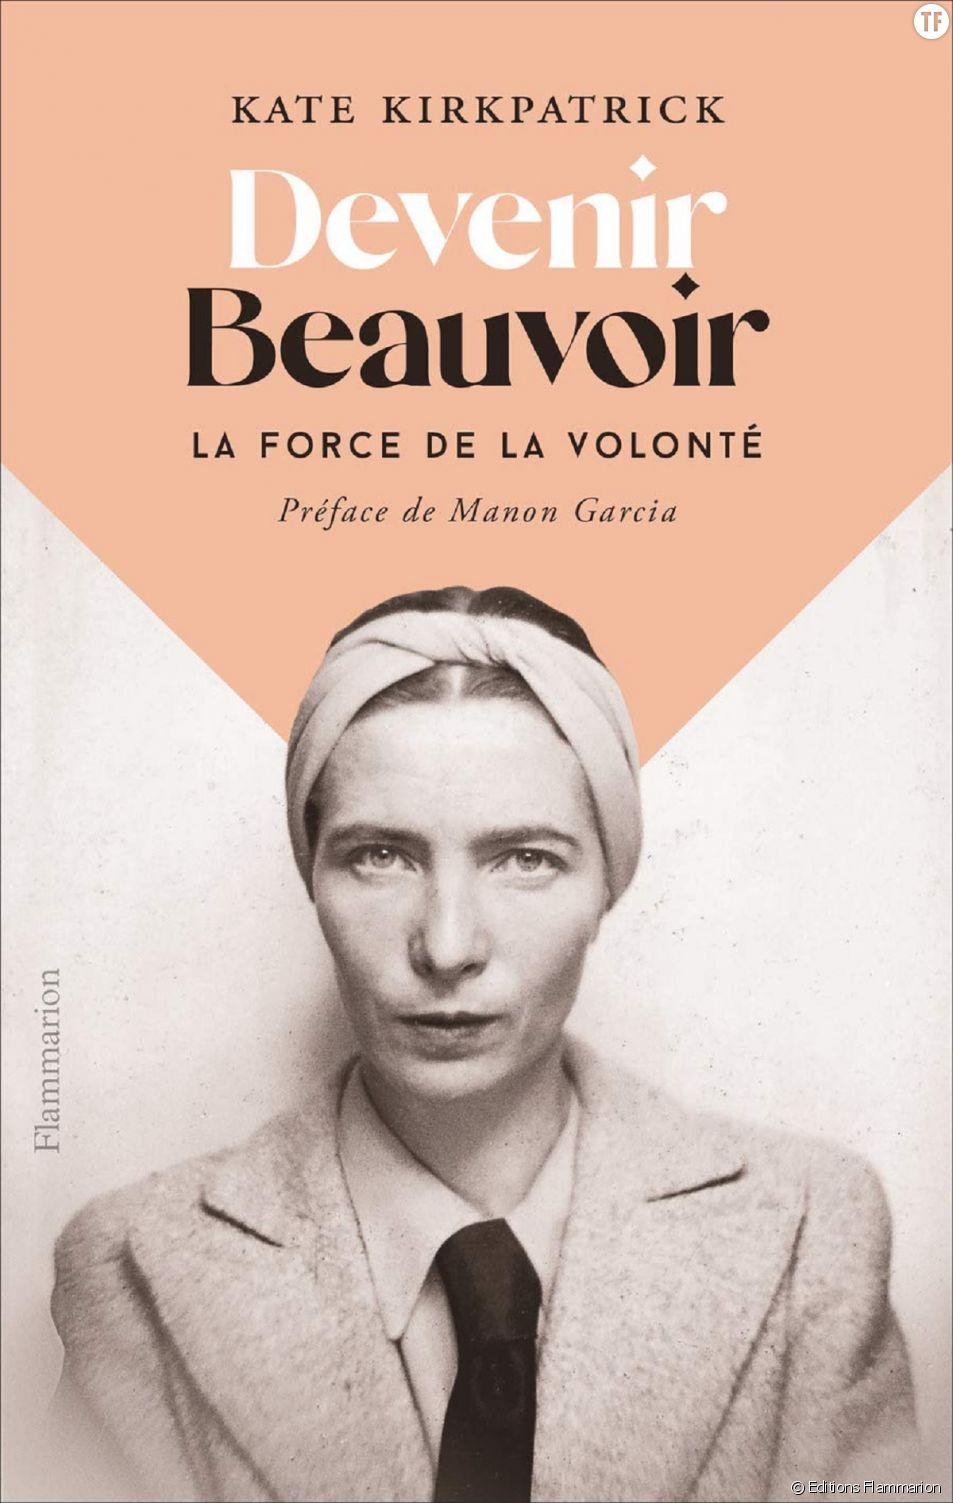 """""""Devenir Beauvoir : la force de la volonté"""", une super biographie de Kate Kirkpatrick sur l'une des grandes voix du féminisme."""